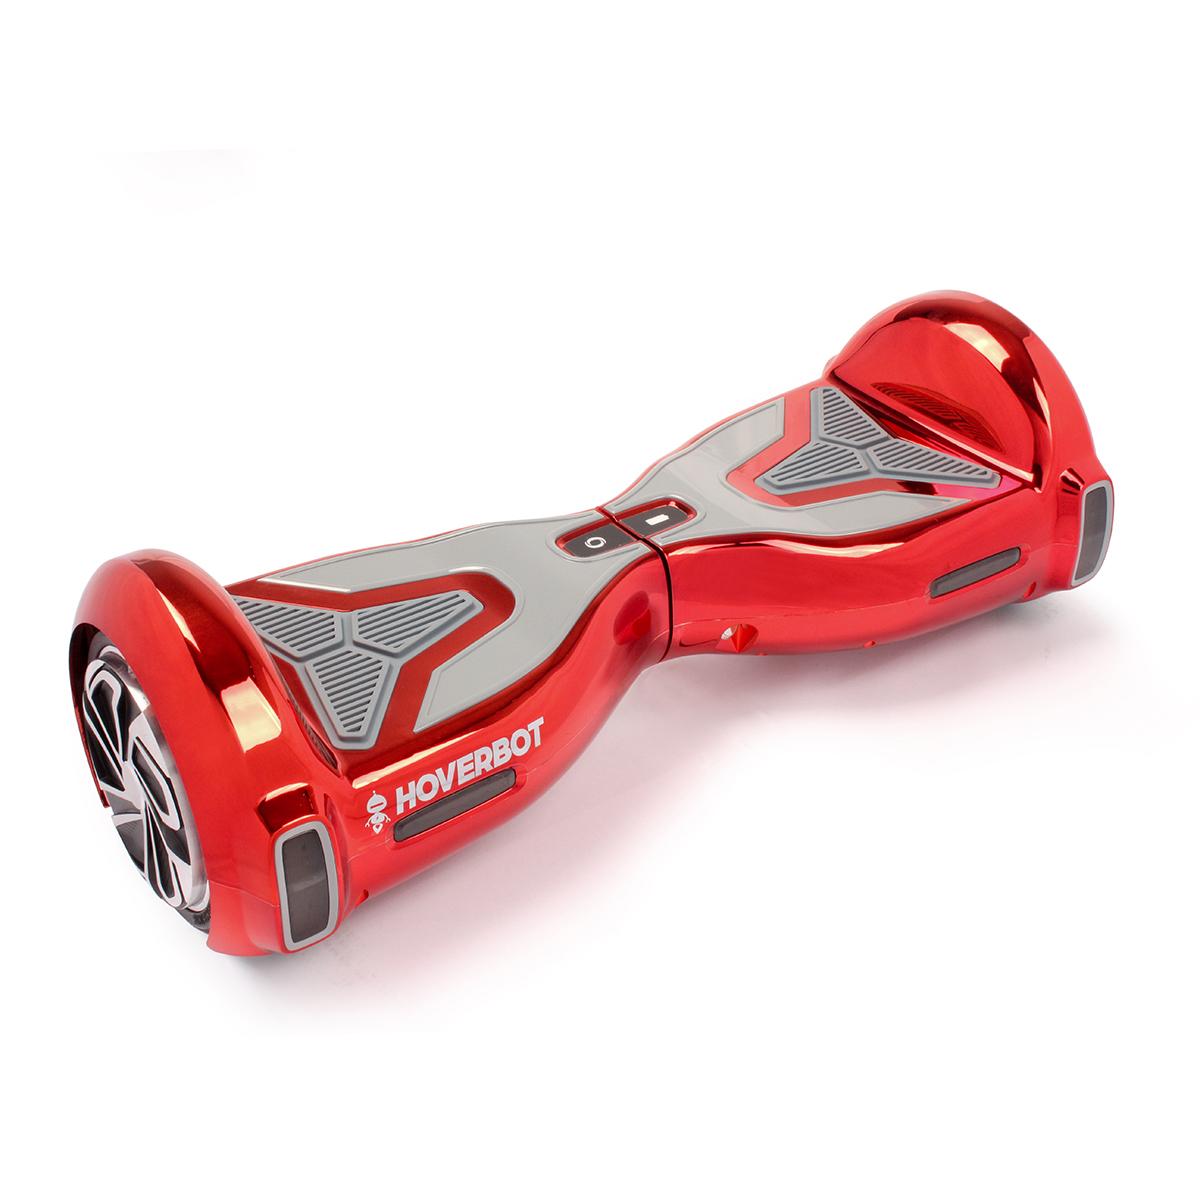 Гироскутер Hoverbot A-15, цвет: красныйGA15RDГироборд Hoverbot A-15 новая модель в классе 6,5 колёс с увеличенной мощностью мотора. Ультрамодный, современный дизайн, с яркими глянцевыми корпусами не оставит равнодушным ни хозяина устройства, ни случайных прохожих. Яркая цветовая палитра удовлетворит запросы, как и юношей, так и прекрасную половину человечества - жёлтые, золотые, зелёные, красные, голубые, металлик, чёрные-на любой вкус и цвет. Борд преодолевает дистанцию до 15 км на одном заряде батареи. Hoverbot A-15 имеет высокую степень пыле и влаго защиты IP54, выдерживает максимальную нагрузку до 120 кг! Оснащён bluetooth передатчиком, который позволяет связаться с любым вашим устройством и воспроизводить различные аудио файлы, музыку, книги, радио. Для управления гиробордами Hoverbot, для смартфонов на базе Android и IPhone, было разработано специальное программное обеспечение Hoverbot, через которое вы можете подобрать для себя оптимальный режим работы A-15. Так же через ПО вы можете выставить ограничение по скорости,...